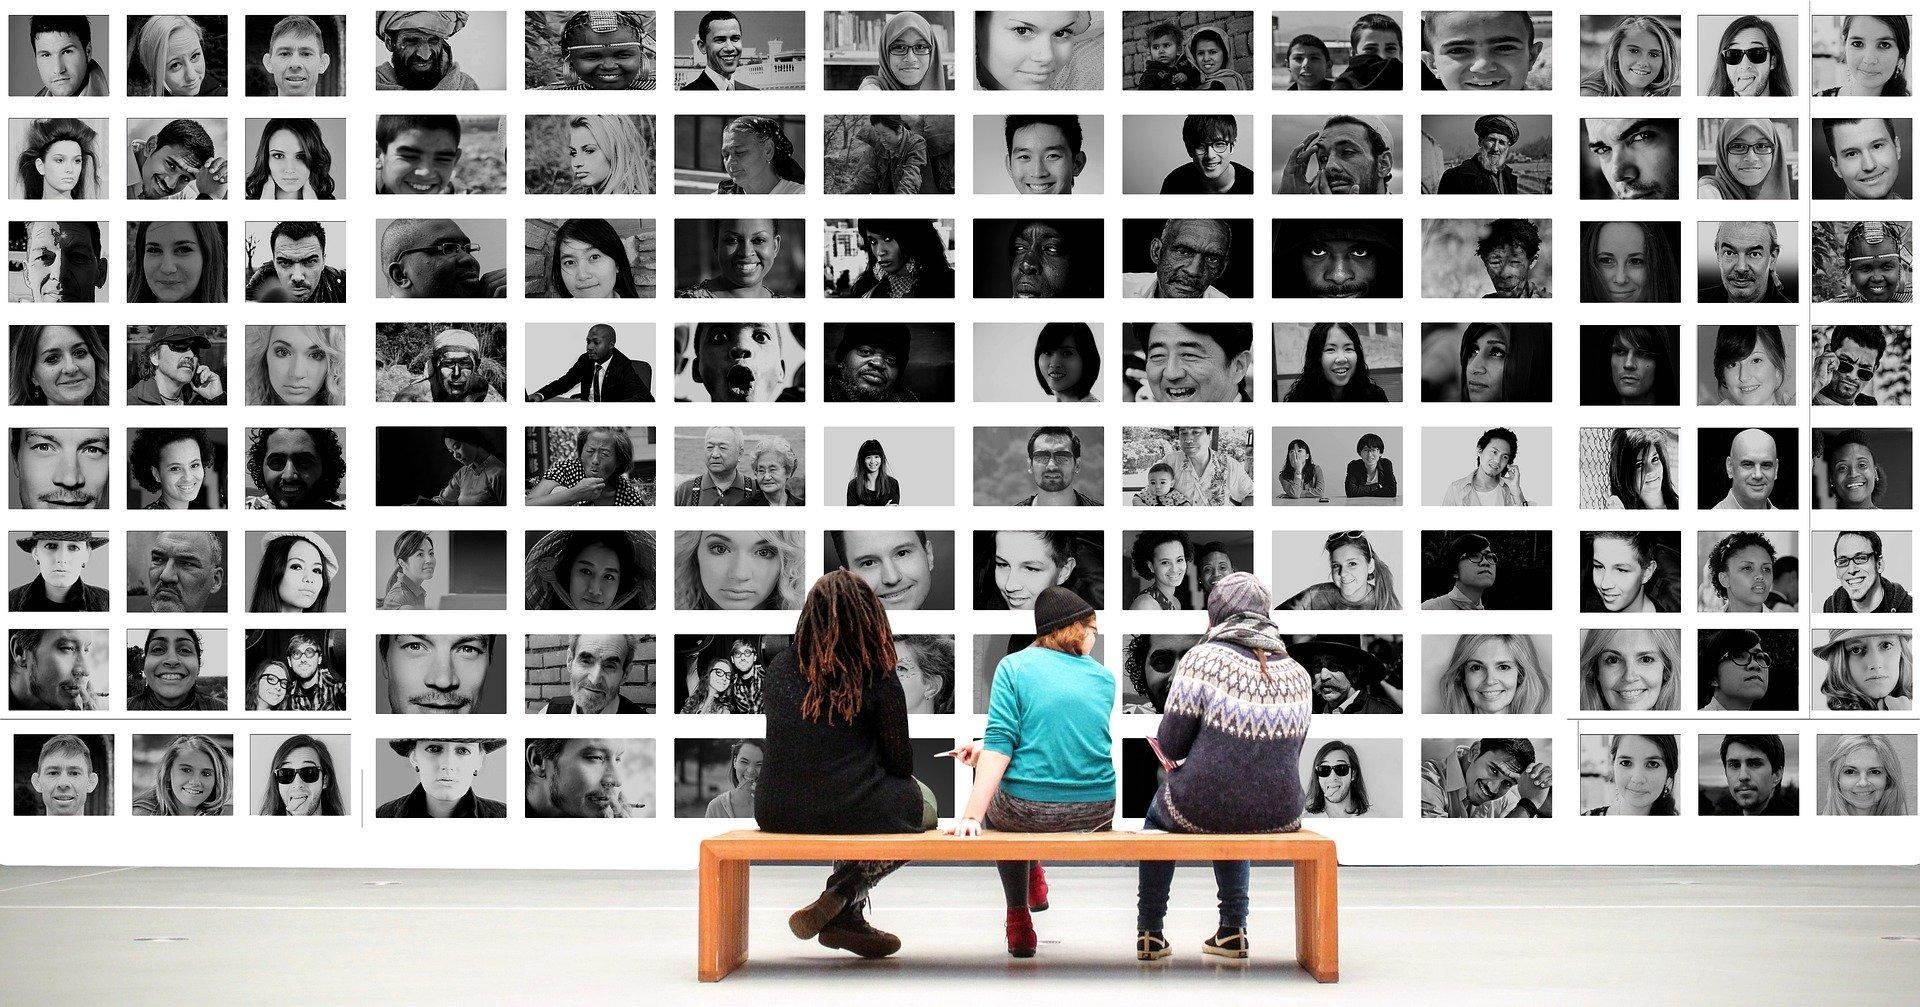 Il riconoscimento - Le lotte sociali per ottenere il benessere mentale.